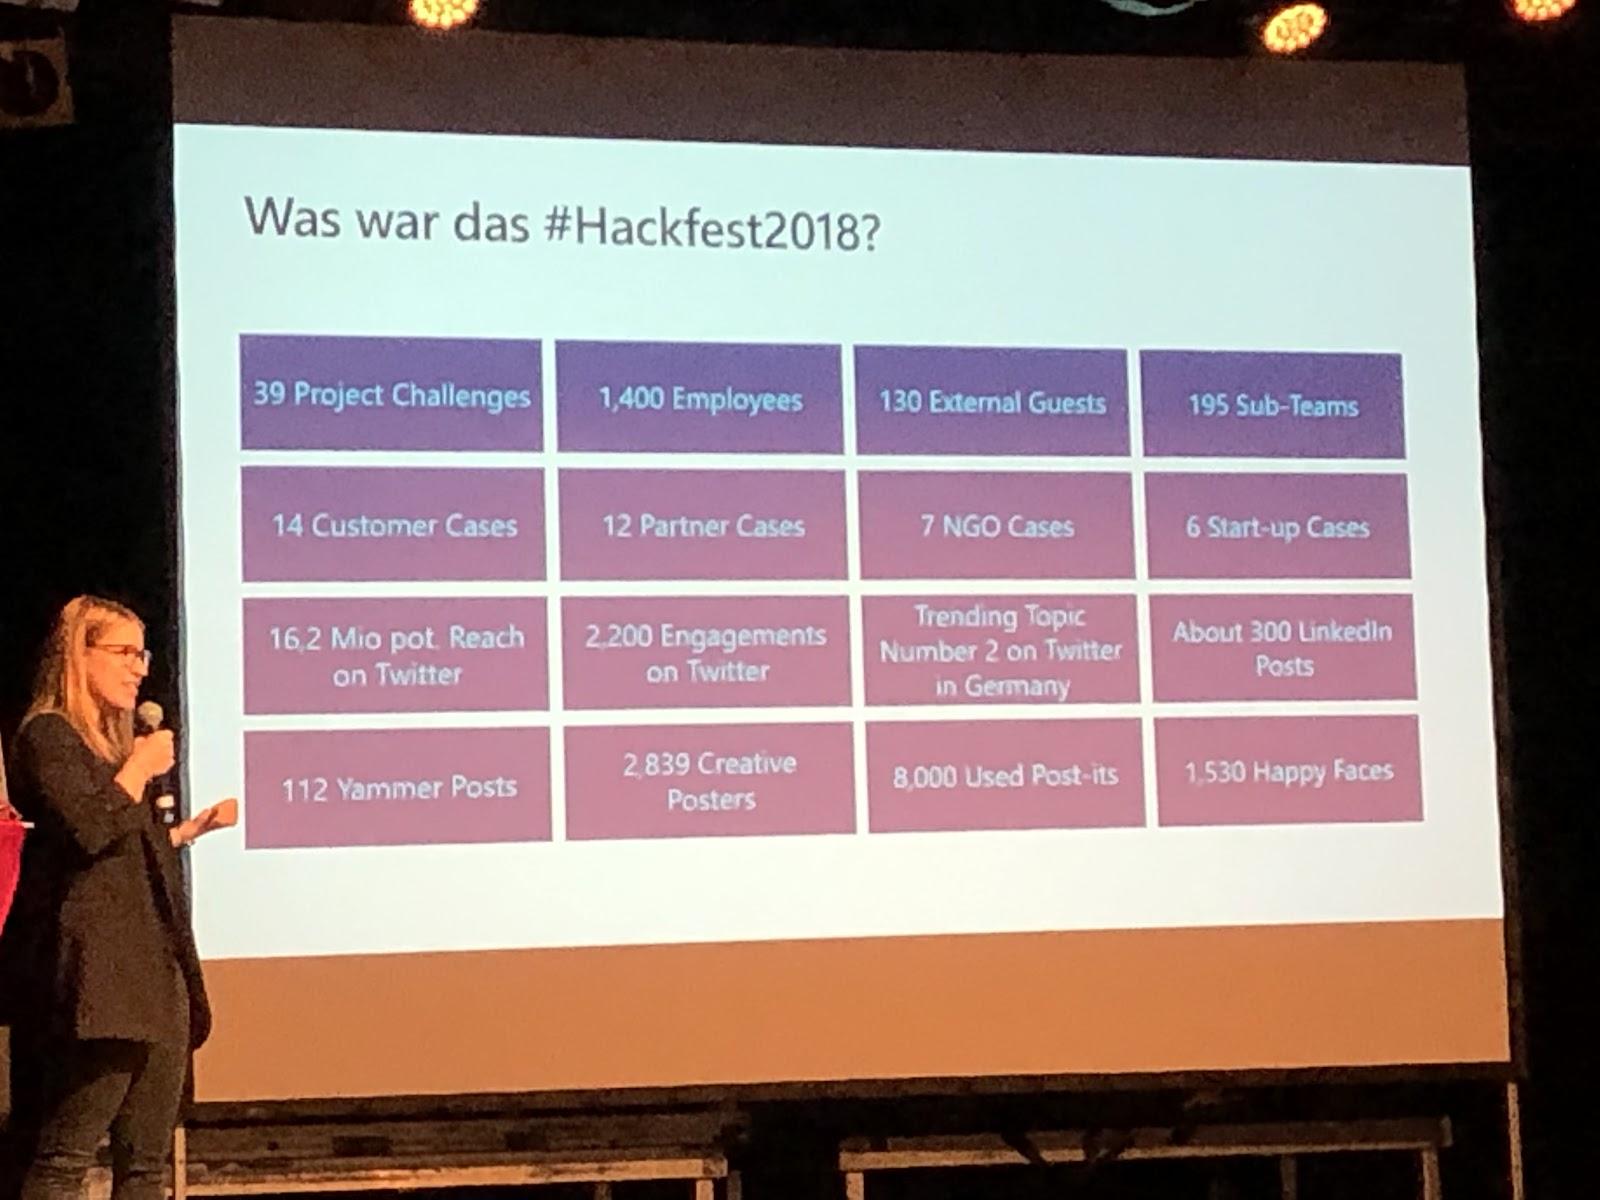 #Hackfest2018